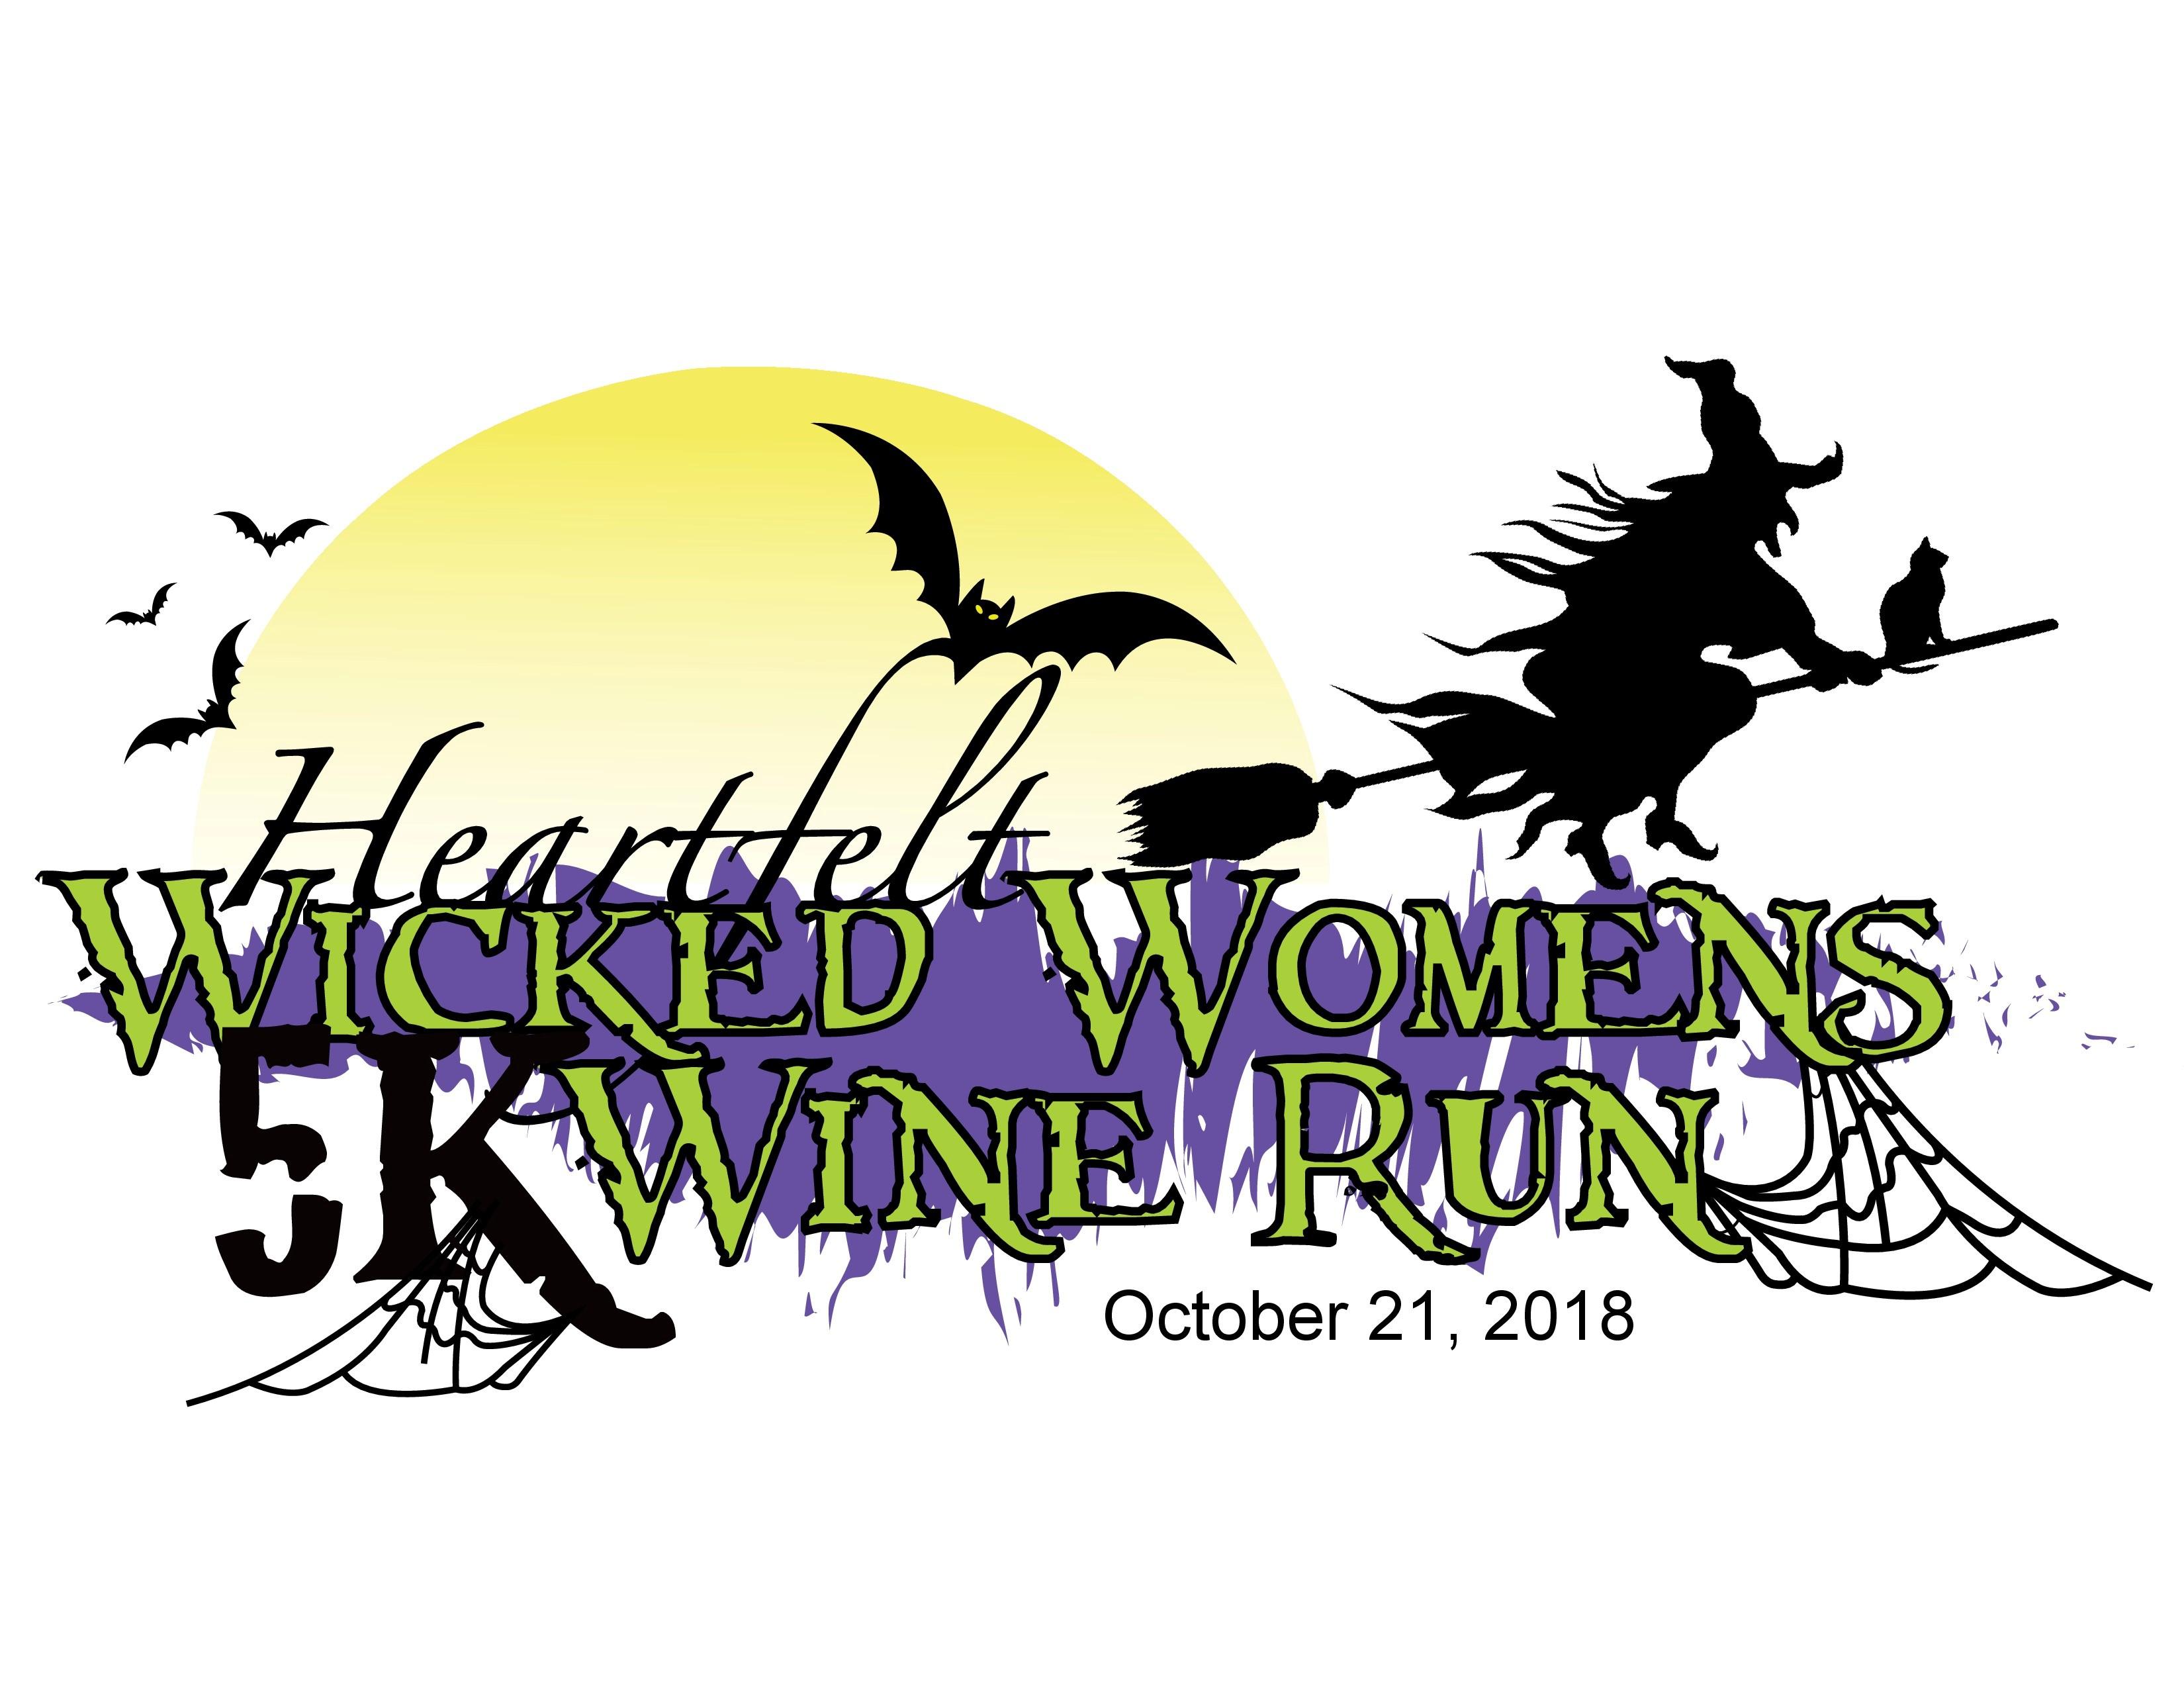 Wicked Women's 5K Wine Run